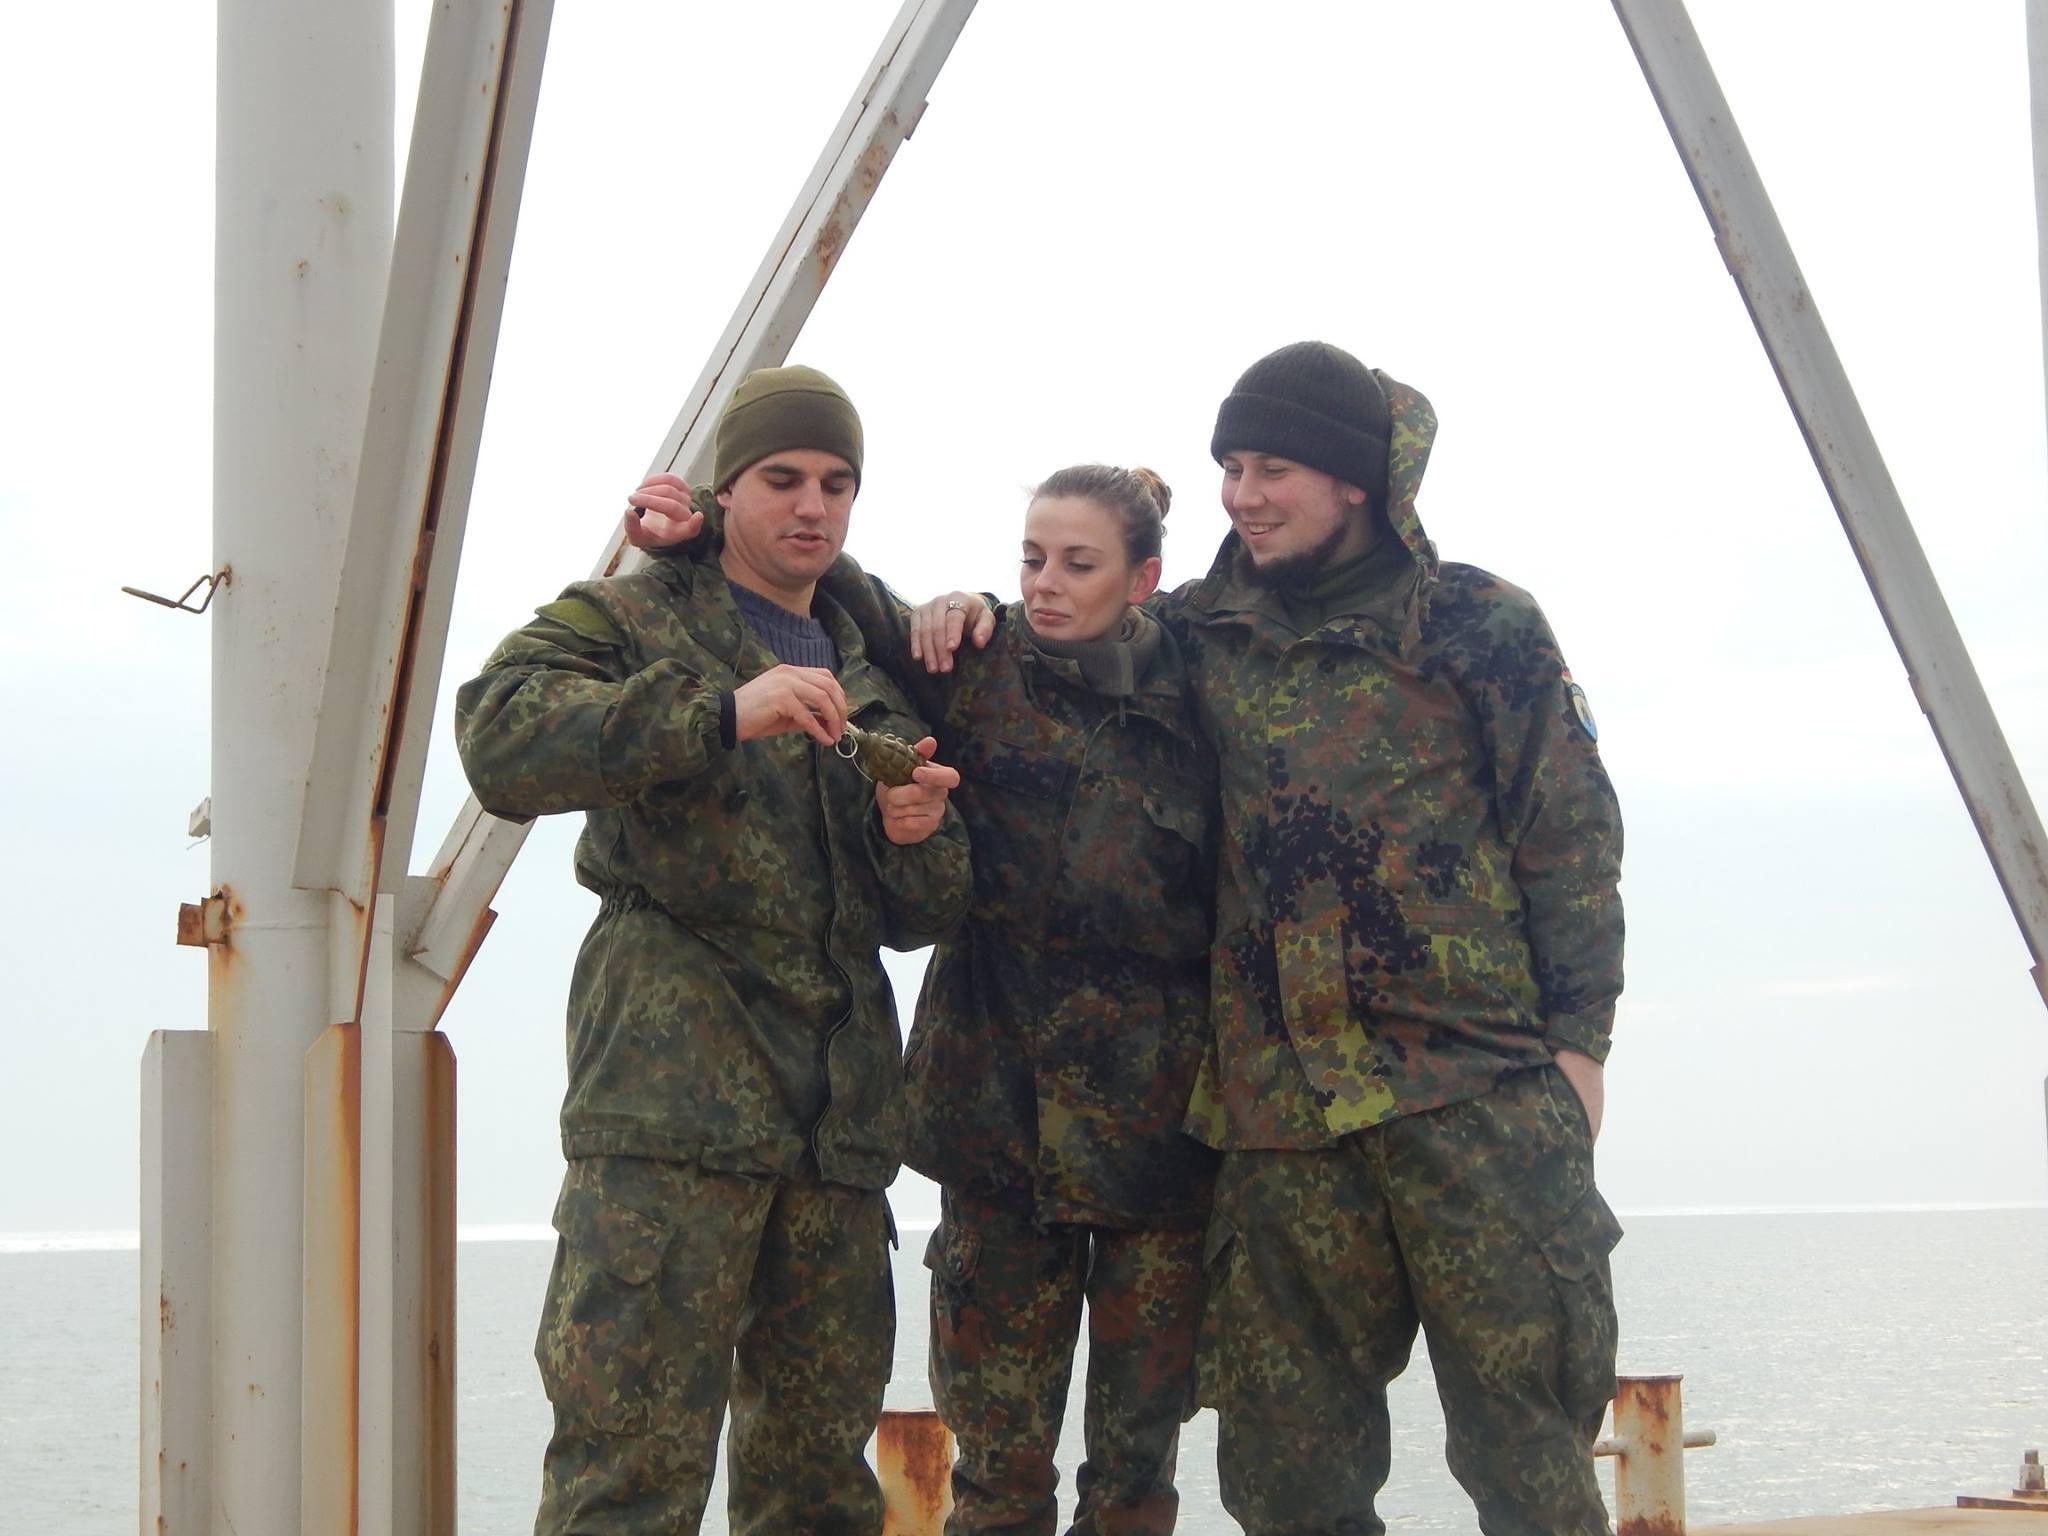 """Боєць """"Азову"""" Наталія Коцкович: """"Я приїхала в """"Азов"""" не розважатись, не чоловіка собі шукати, а воювати. Зціпила зуби і доводила це своєю поведінкою"""" 5"""